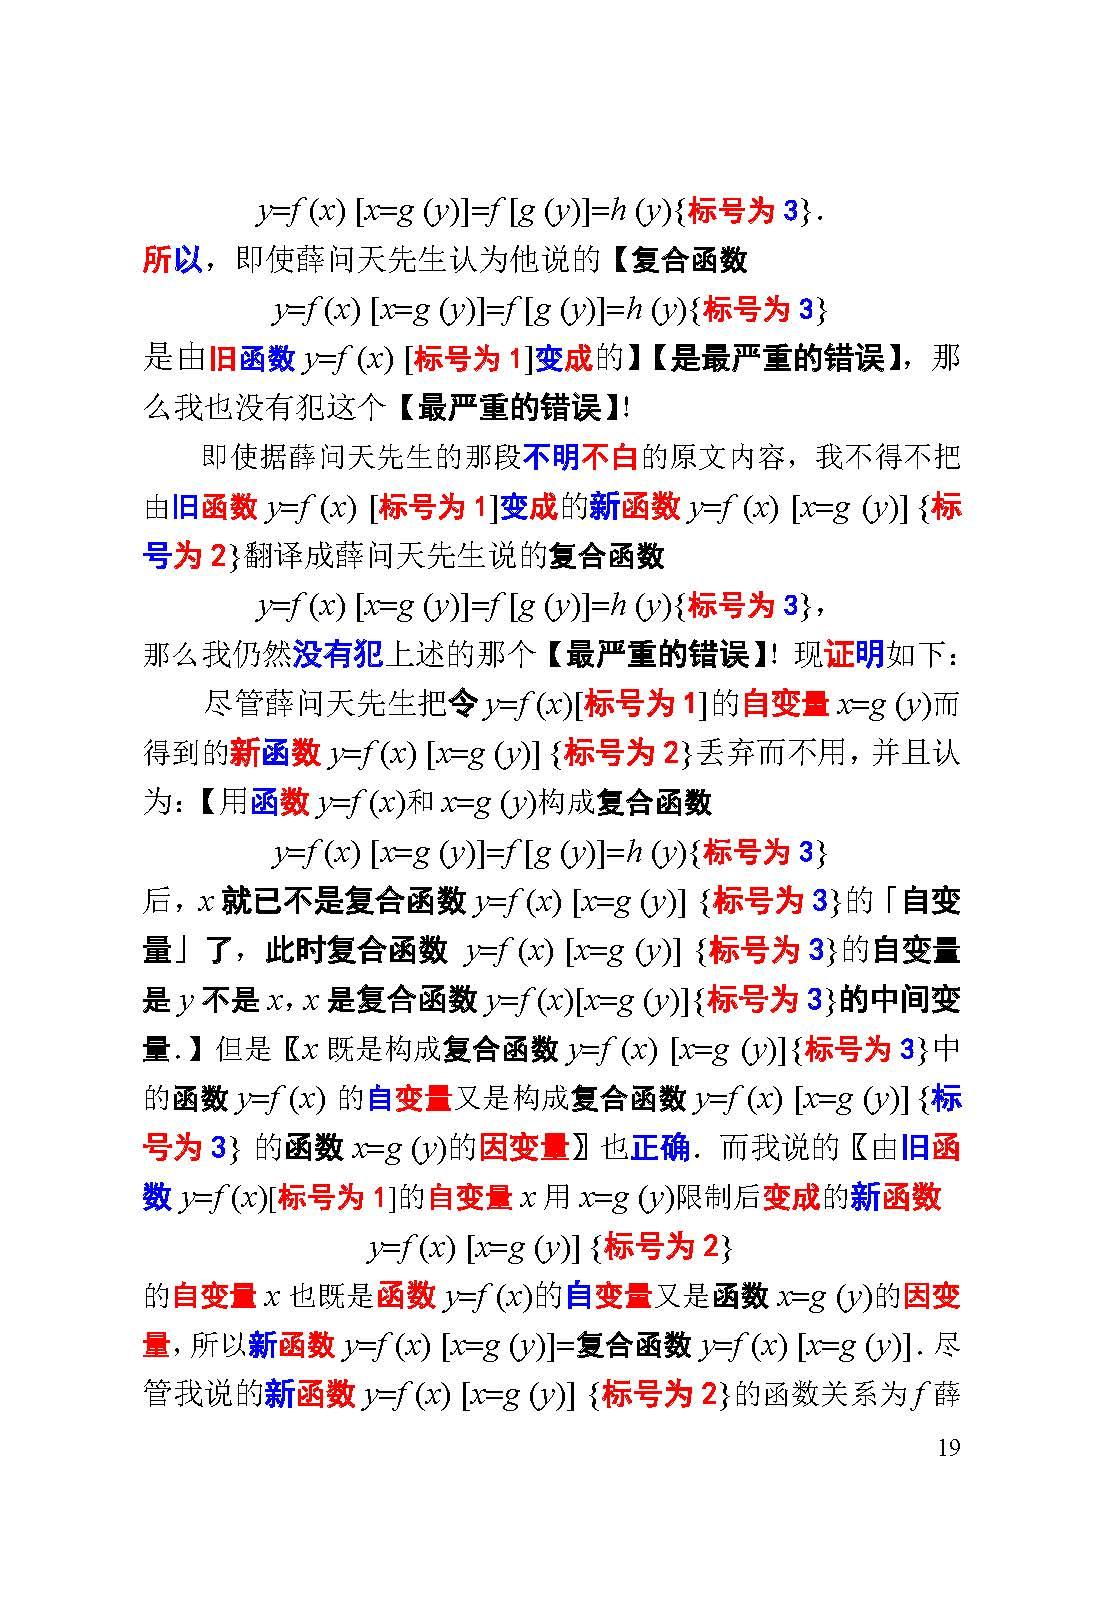 评薛问天先生的文章0428_页面_19.jpg